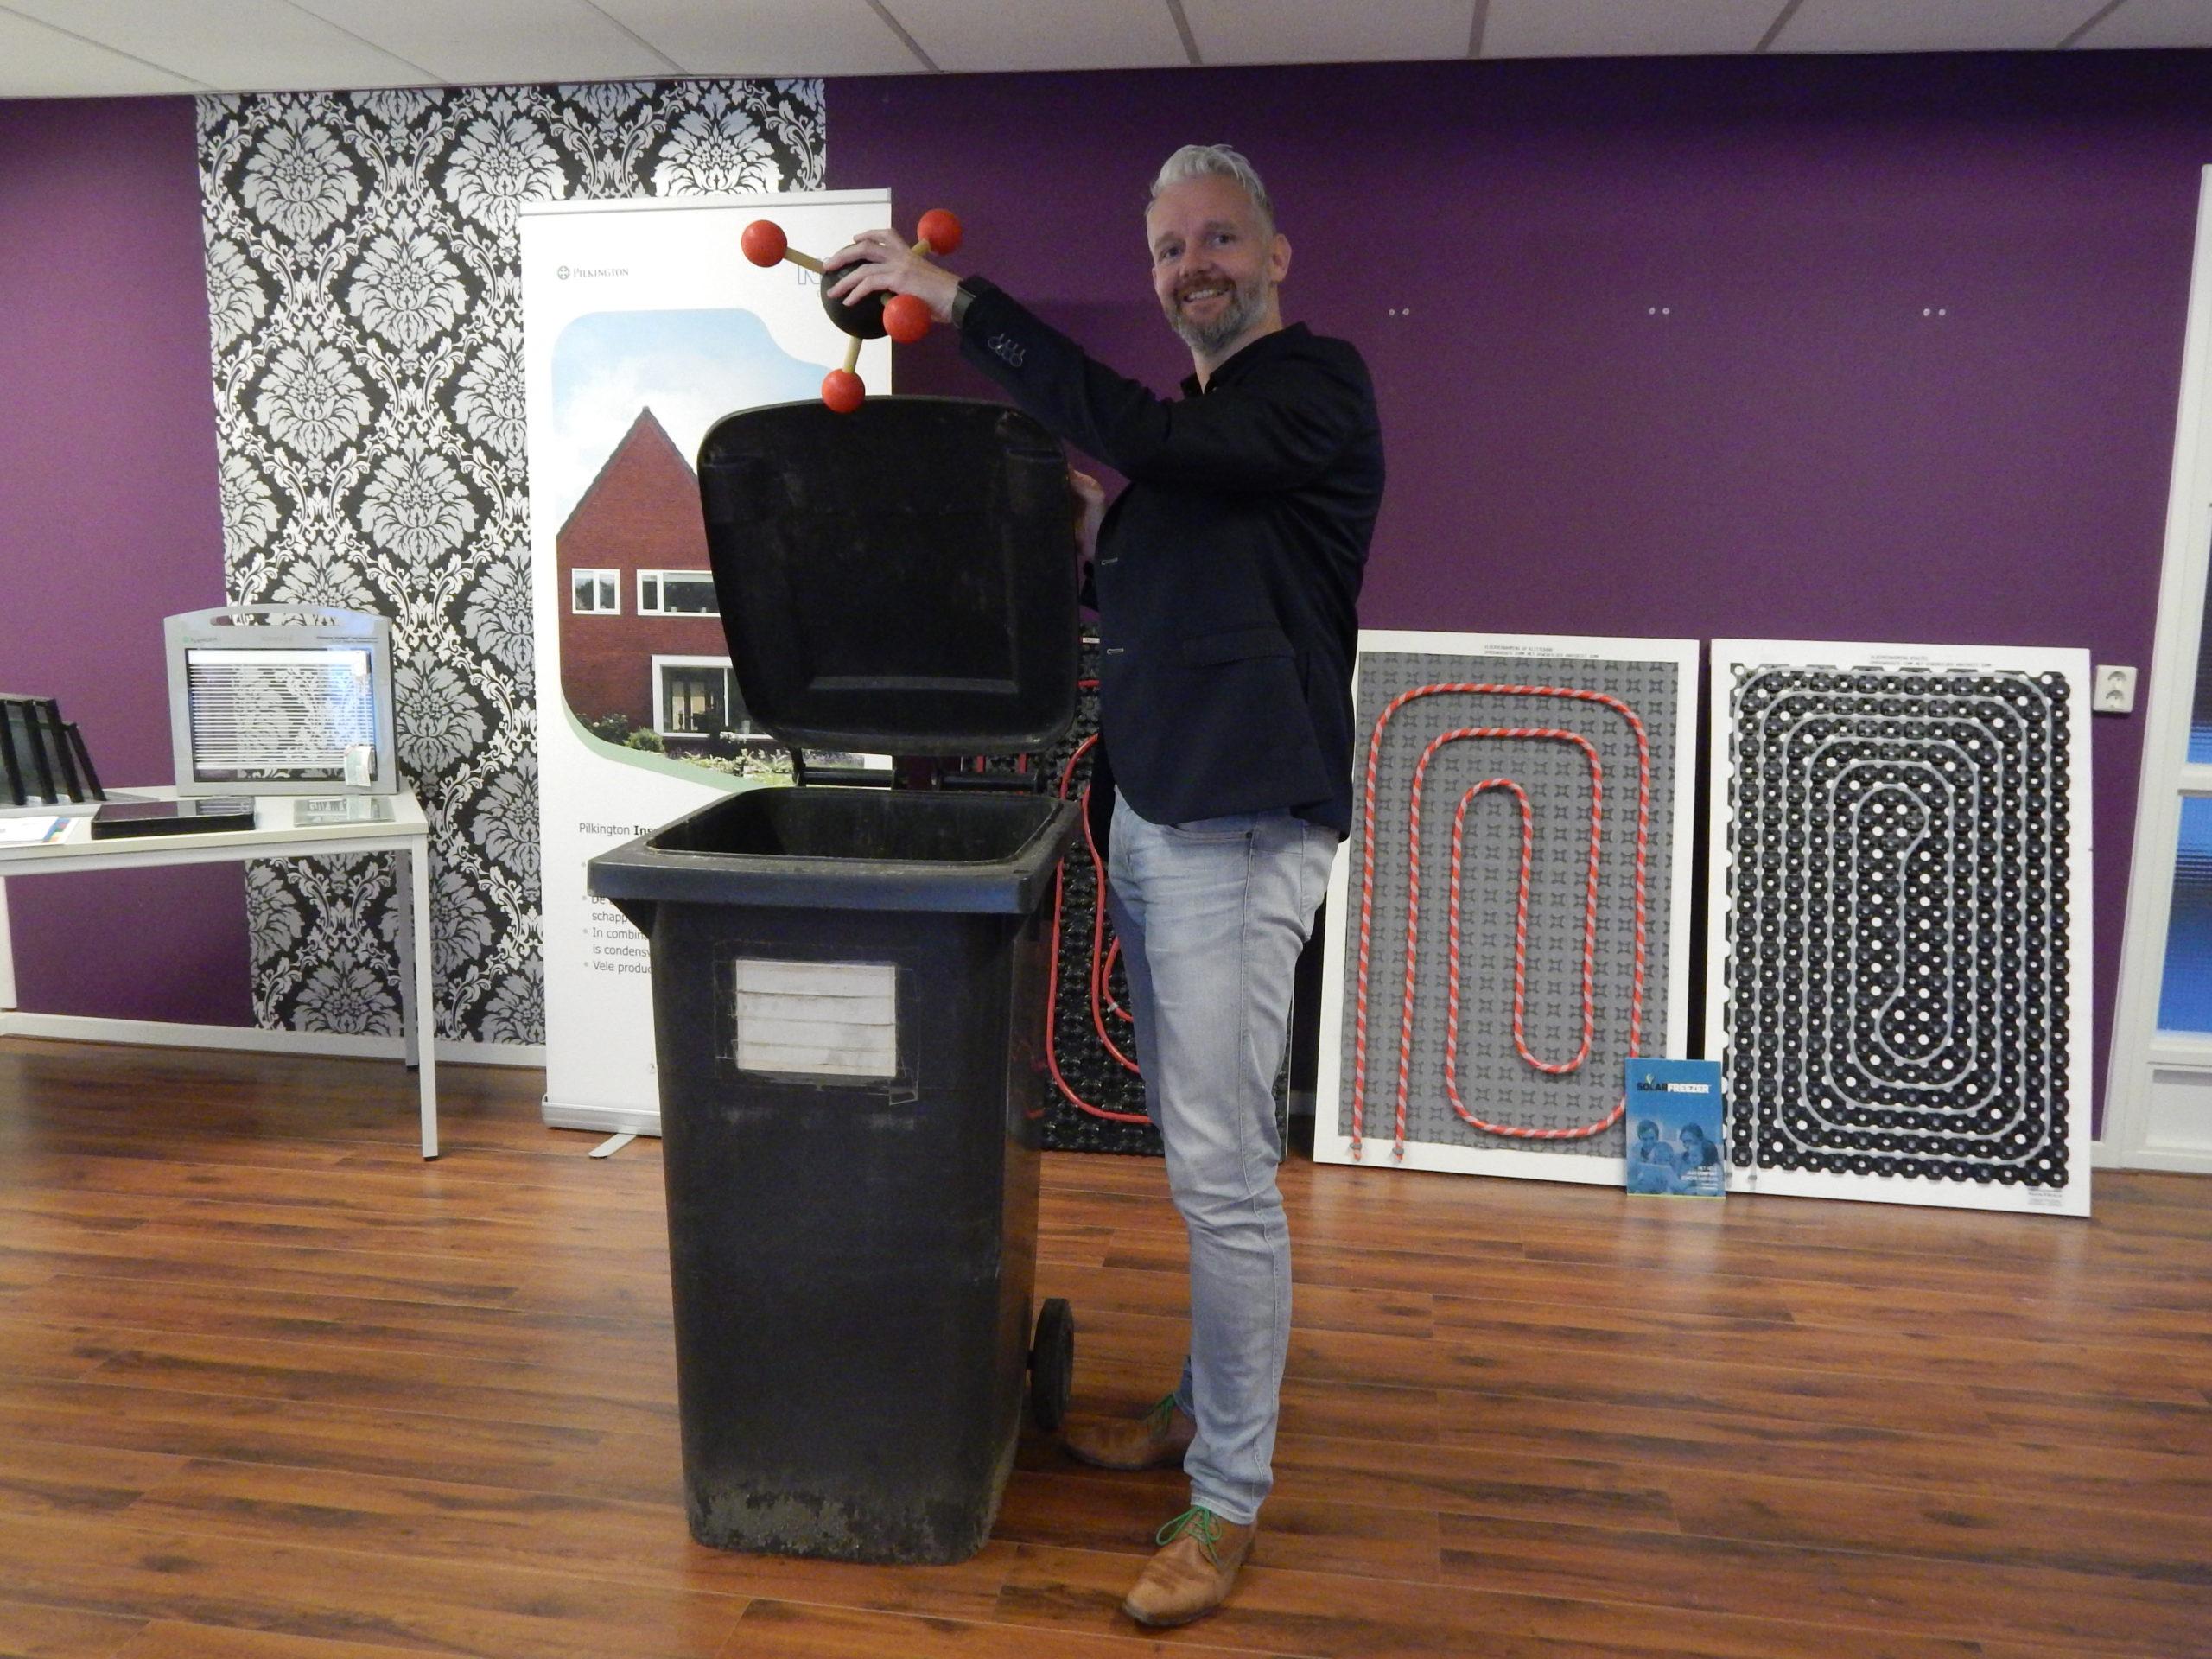 Wethouder Schollema opent symbolisch expositieruimte - 4 november 2020